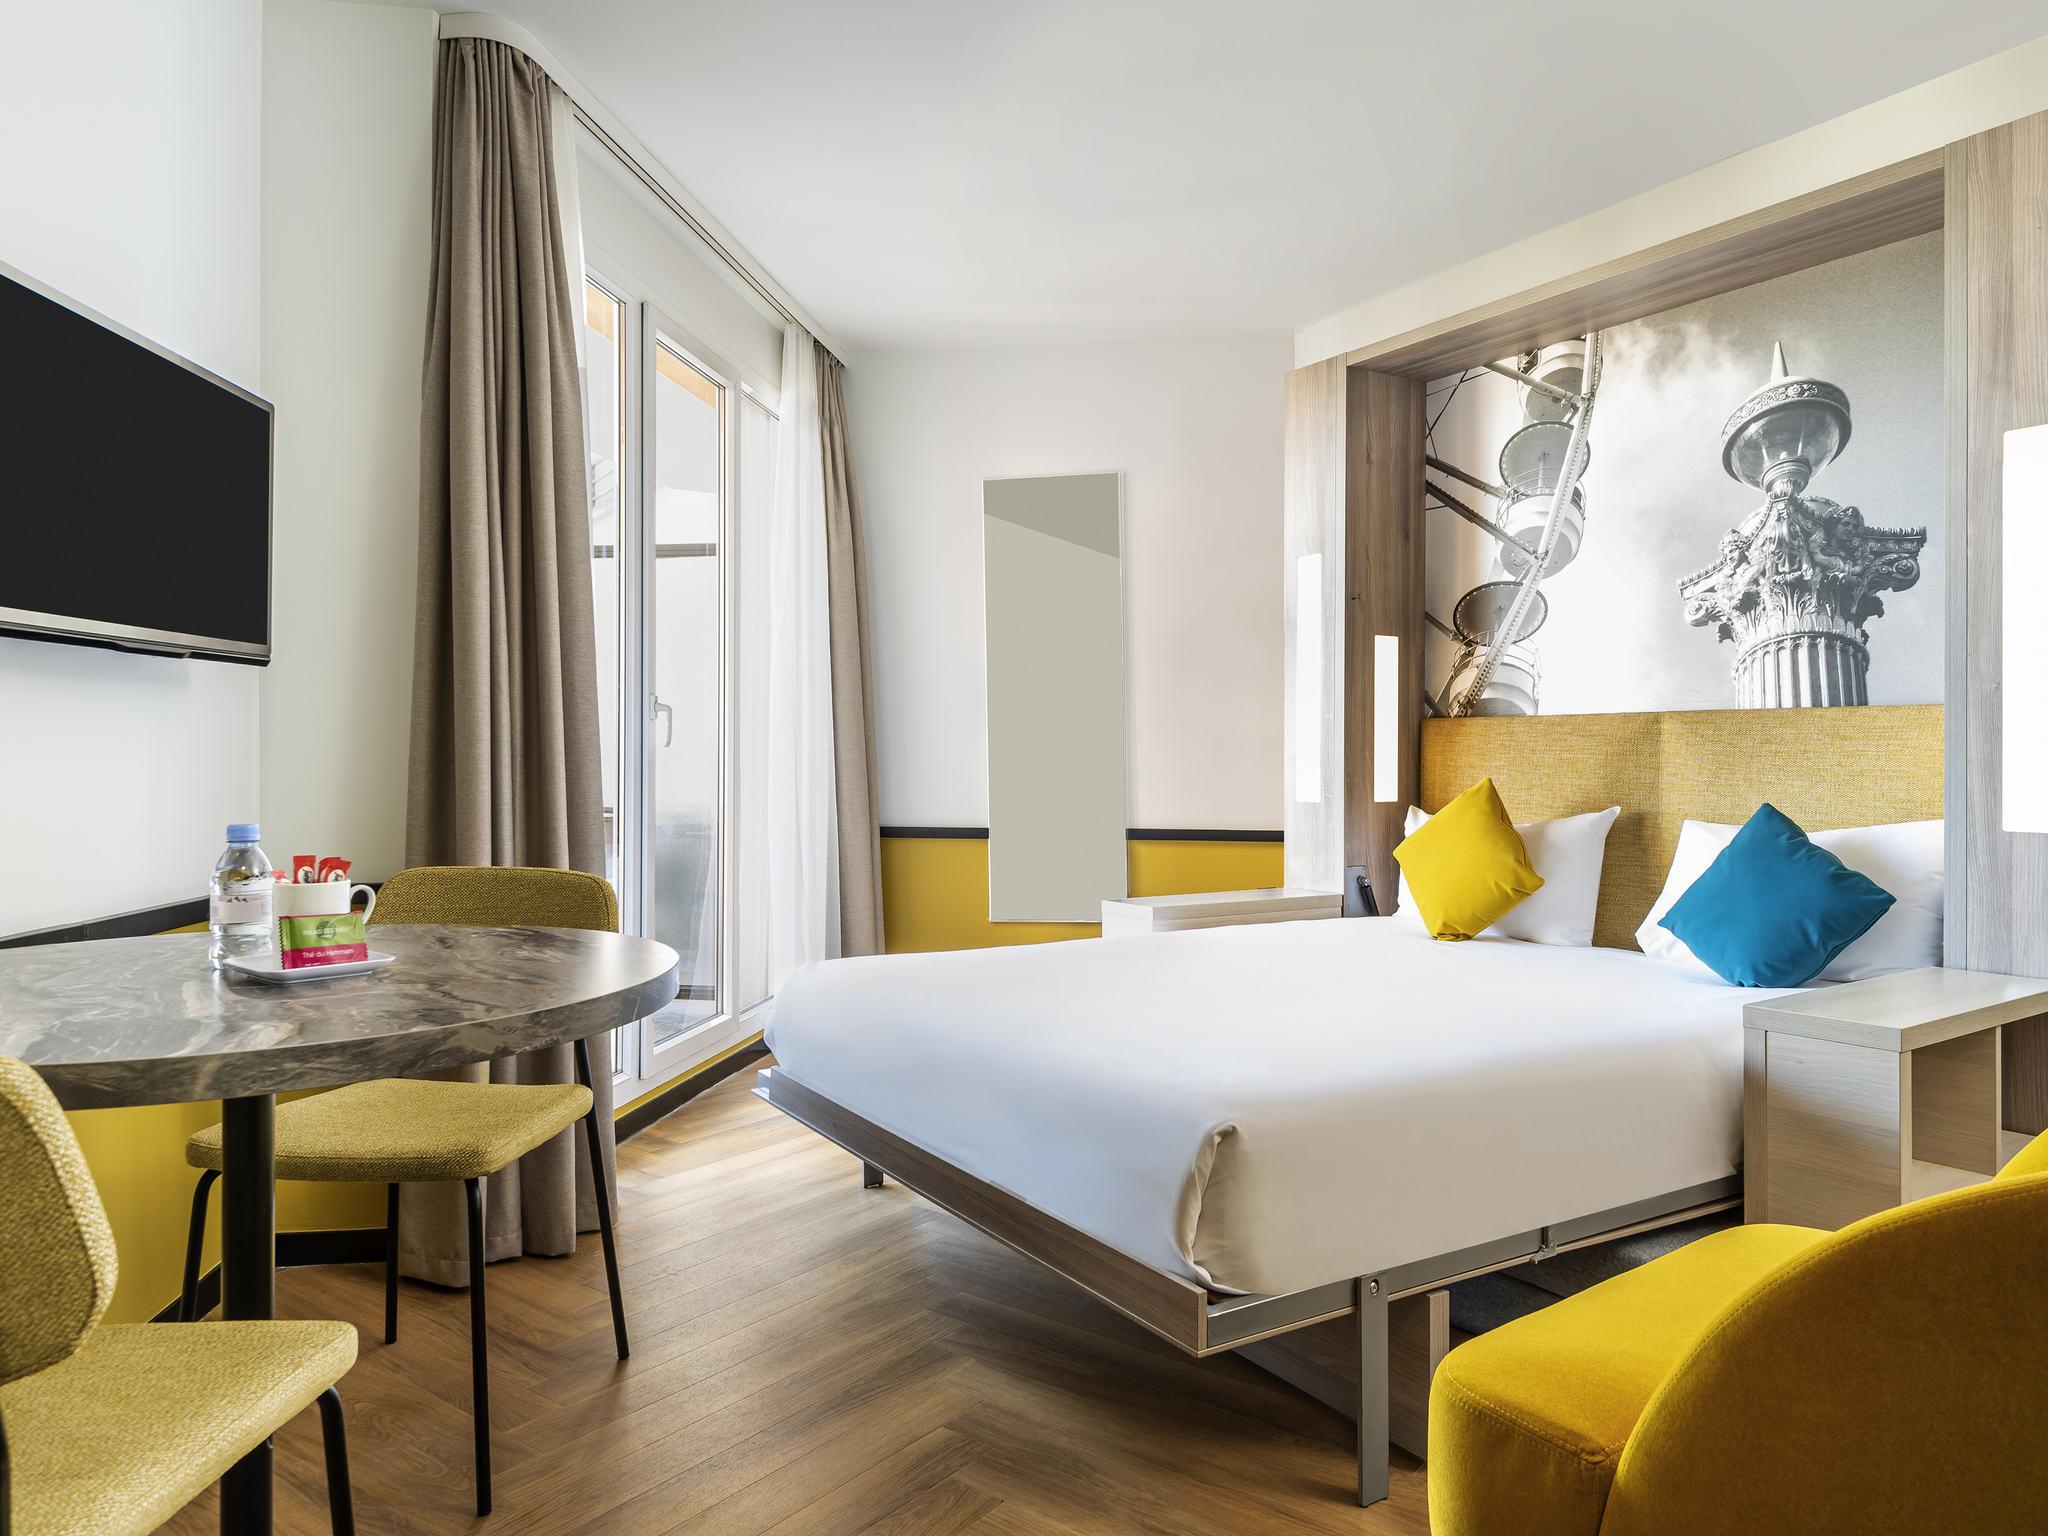 Hotel – Aparthotel Adagio Parigi Montrouge